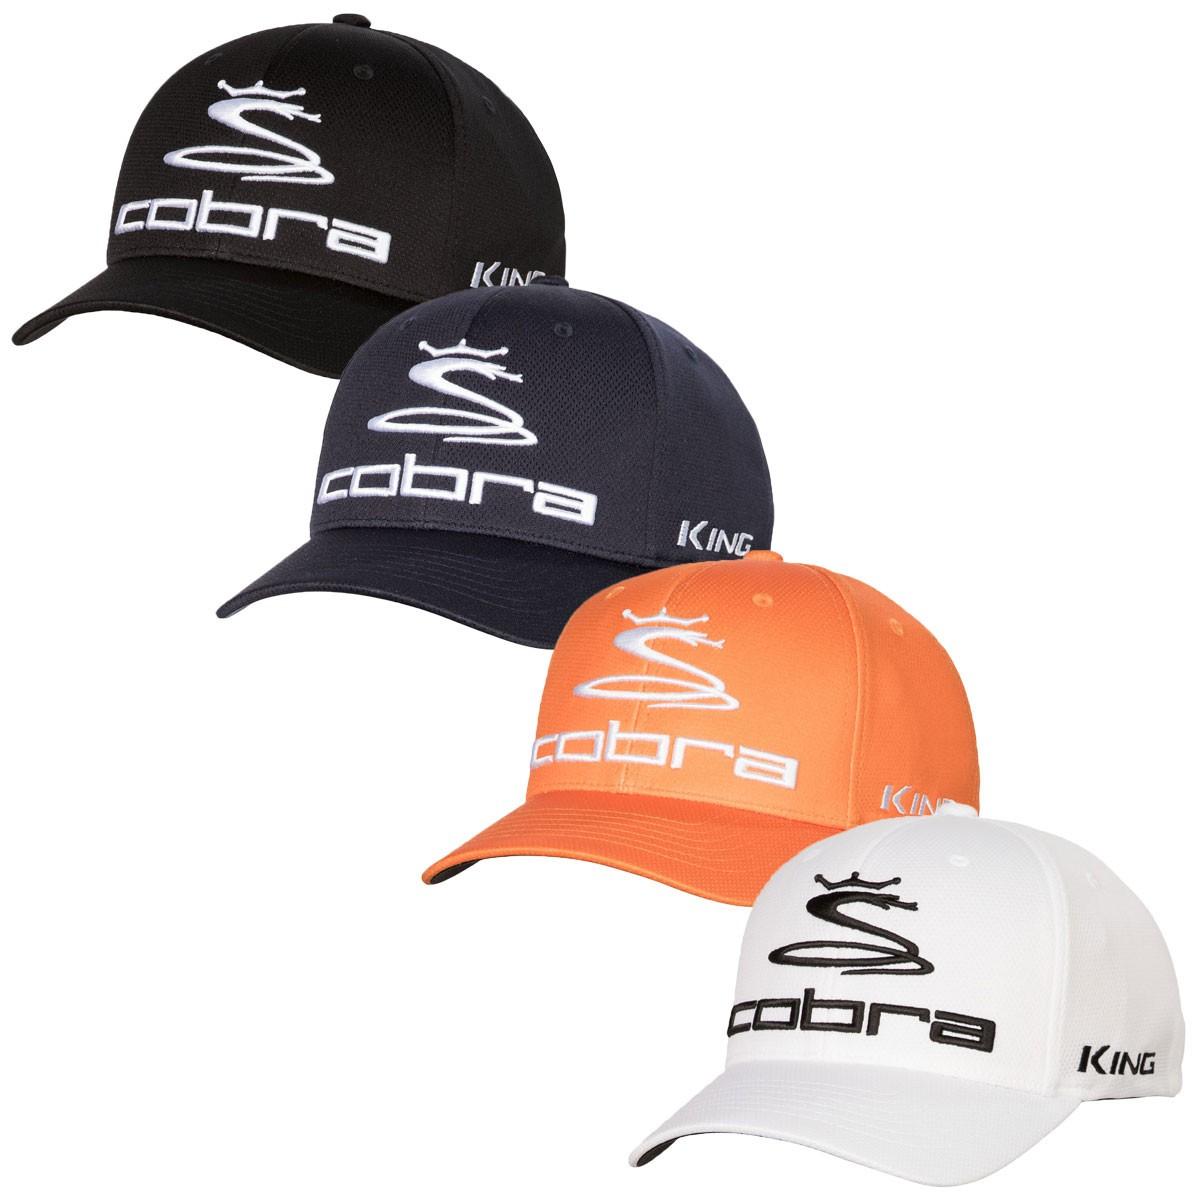 Cobra Golf Mens Flexfit Pro Tour Cap 9780f57b8de